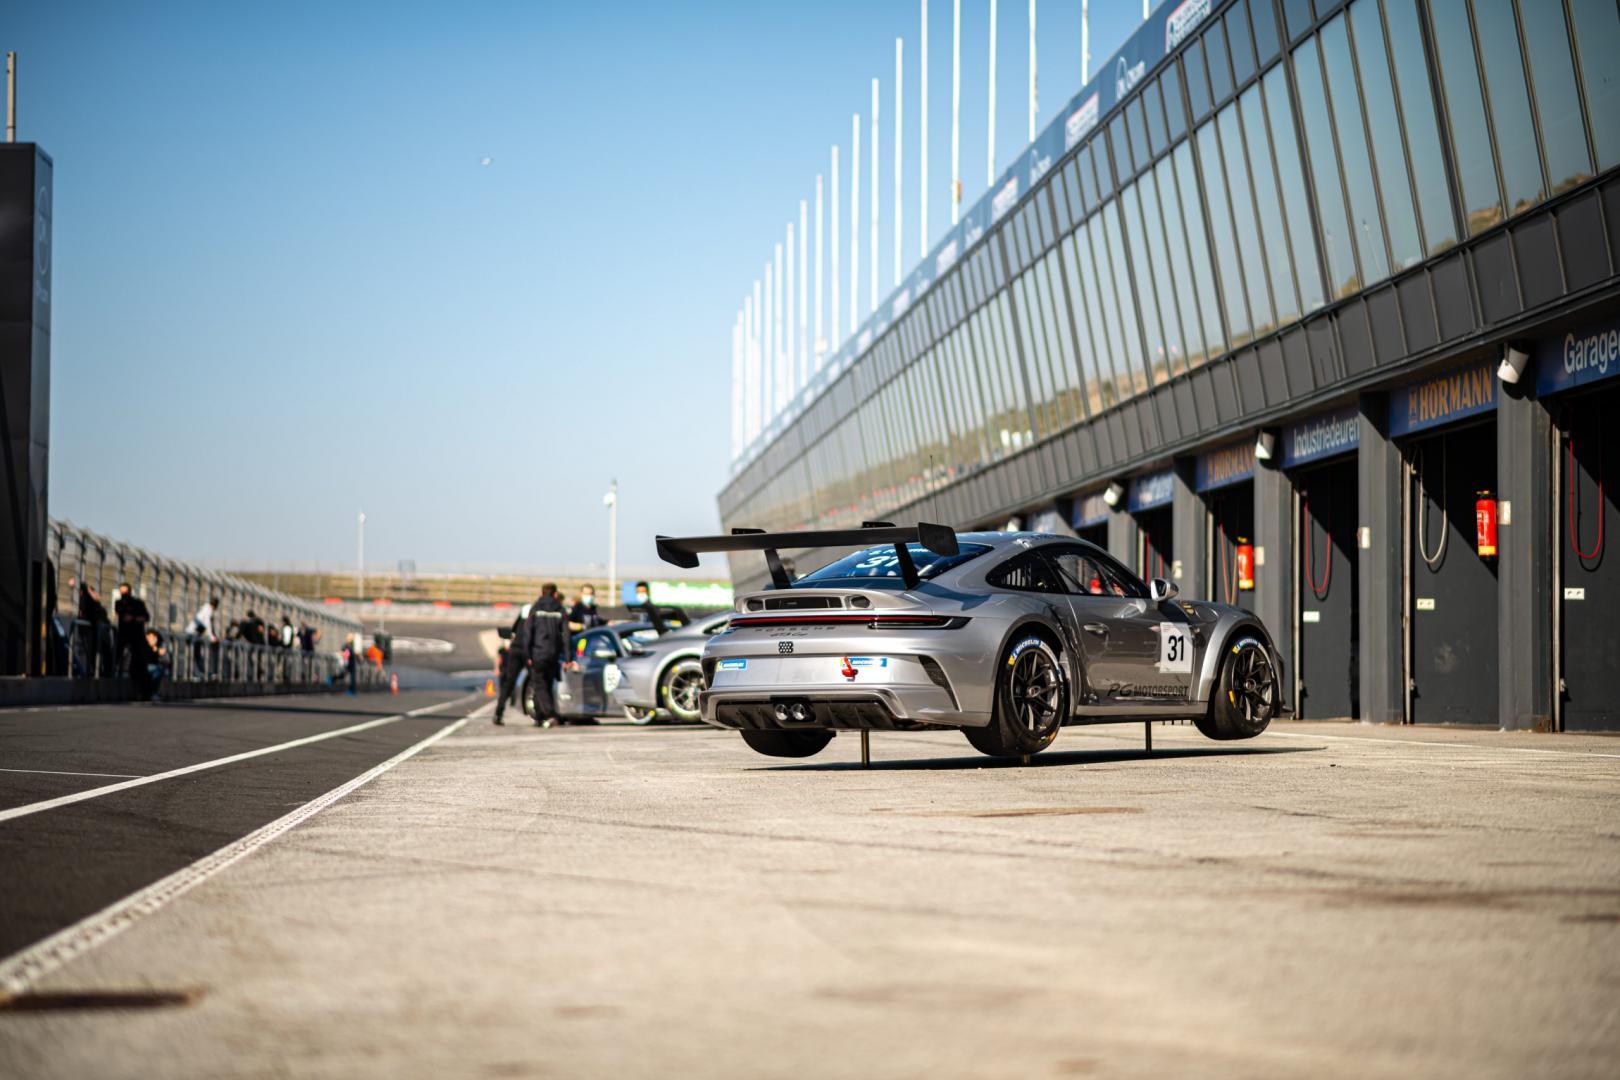 Porsche 911 GT3 Cup (992) in de pitsstraat met luchtkrik (airjack)